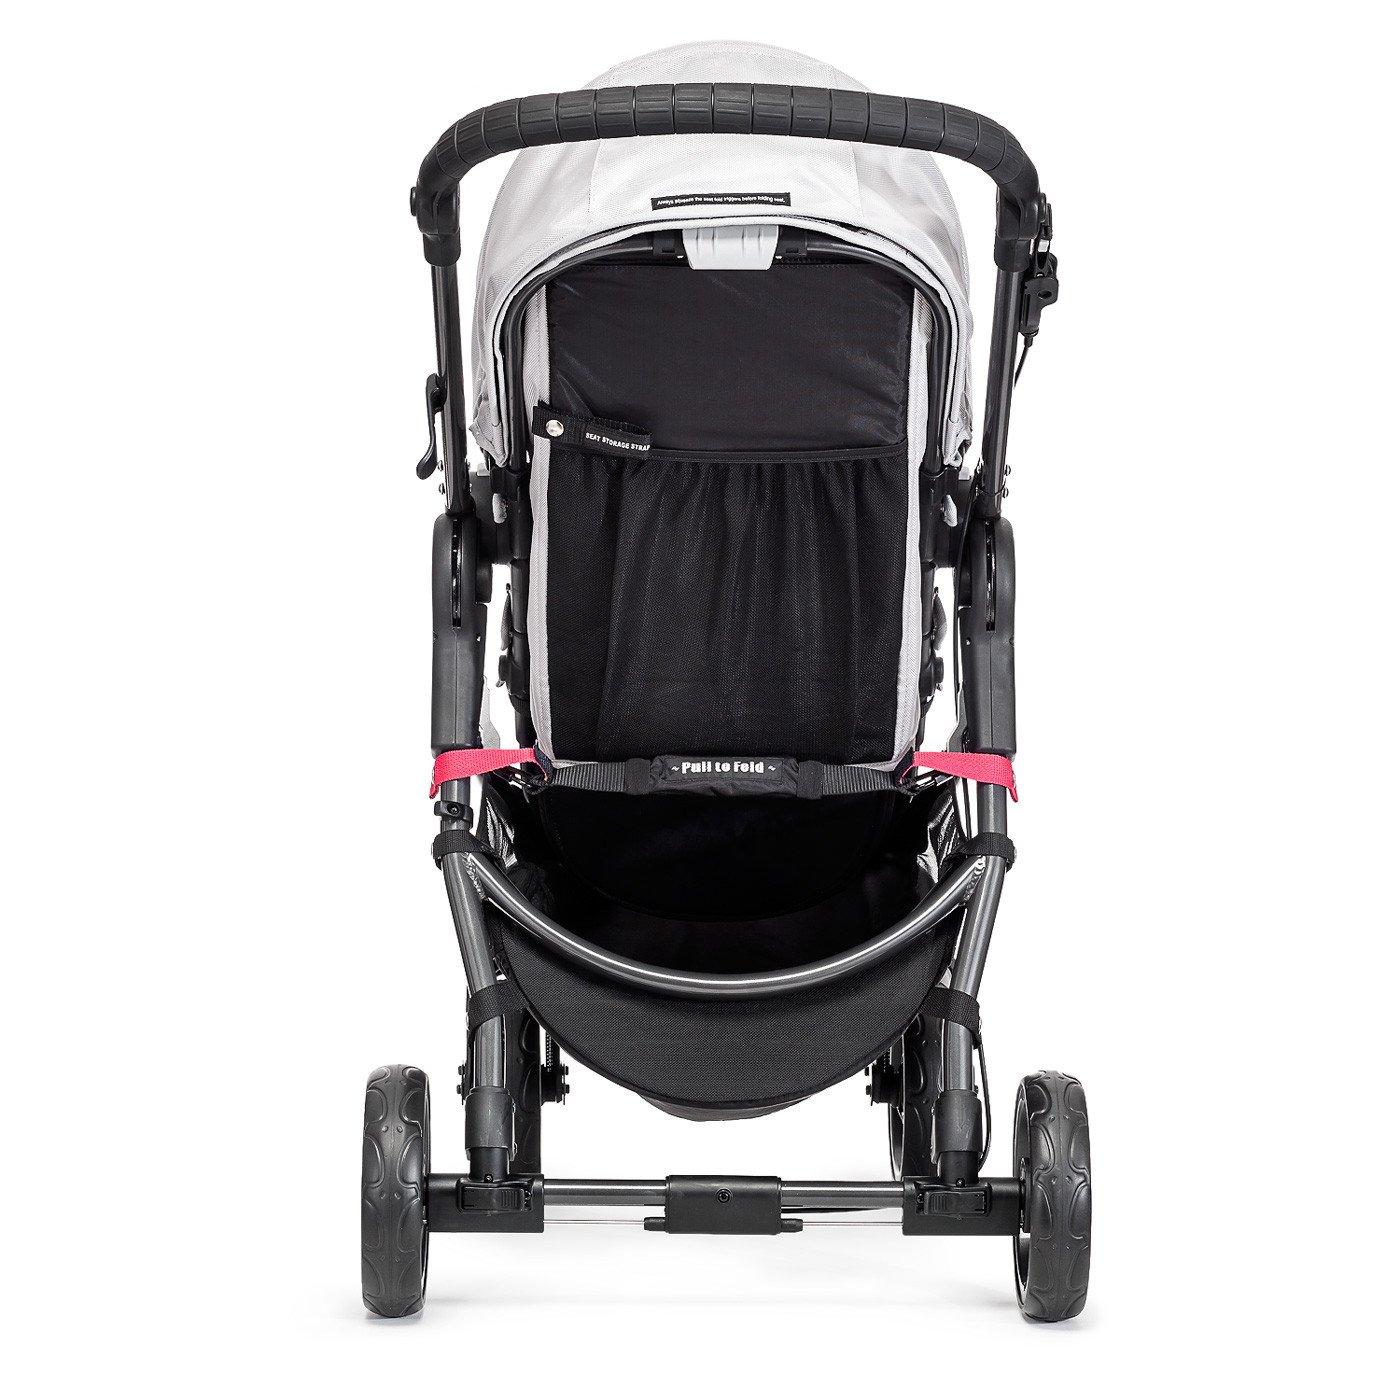 Amazon.com: Baby Jogger – 2013 Ciudad Versa carriola – Plata ...